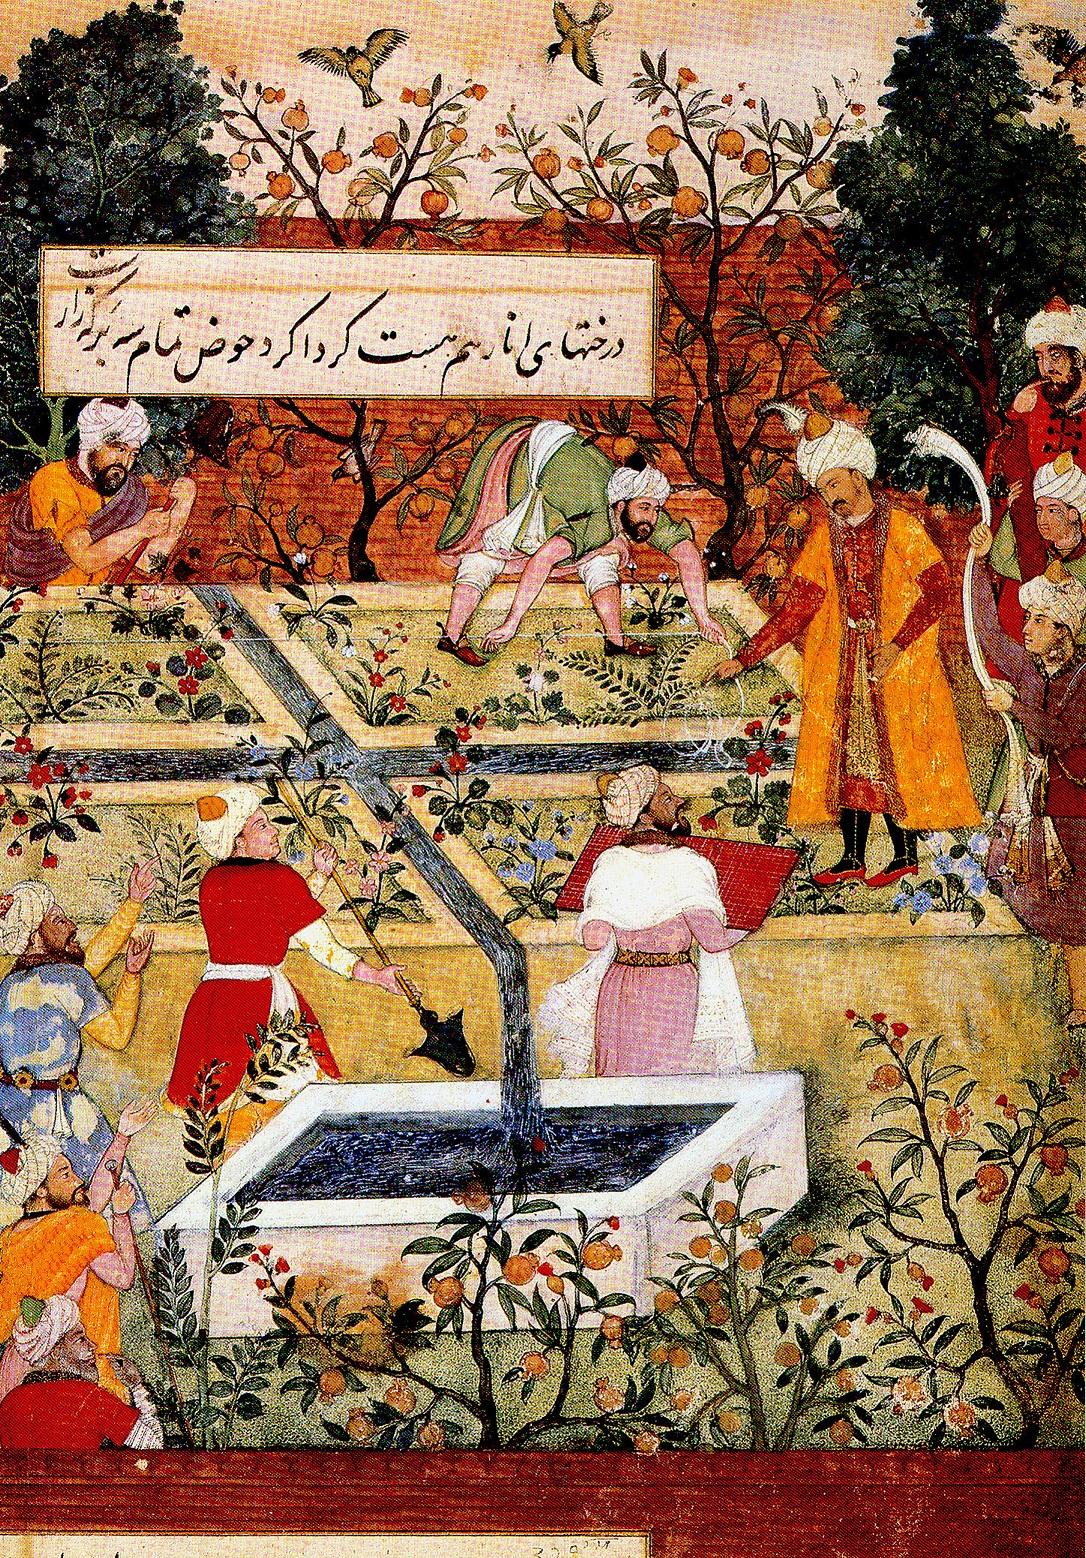 بابر شاه در حال نظارت بر اجرای باغ.